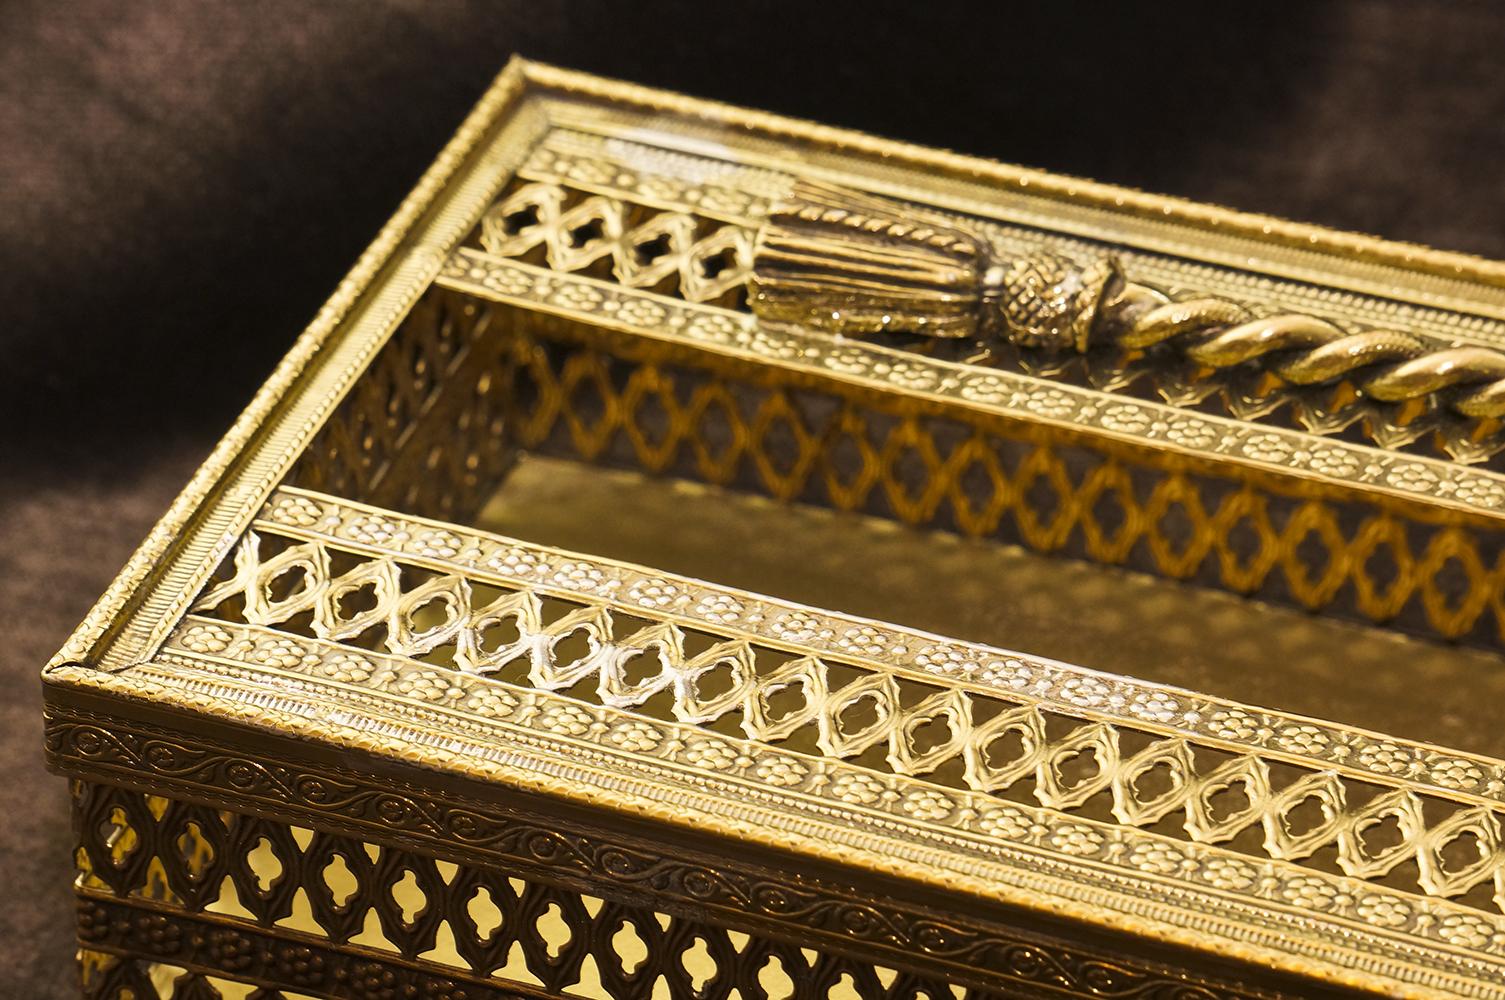 スタイルビルト製 ゴールド ロープ ティッシュボックス 拡大